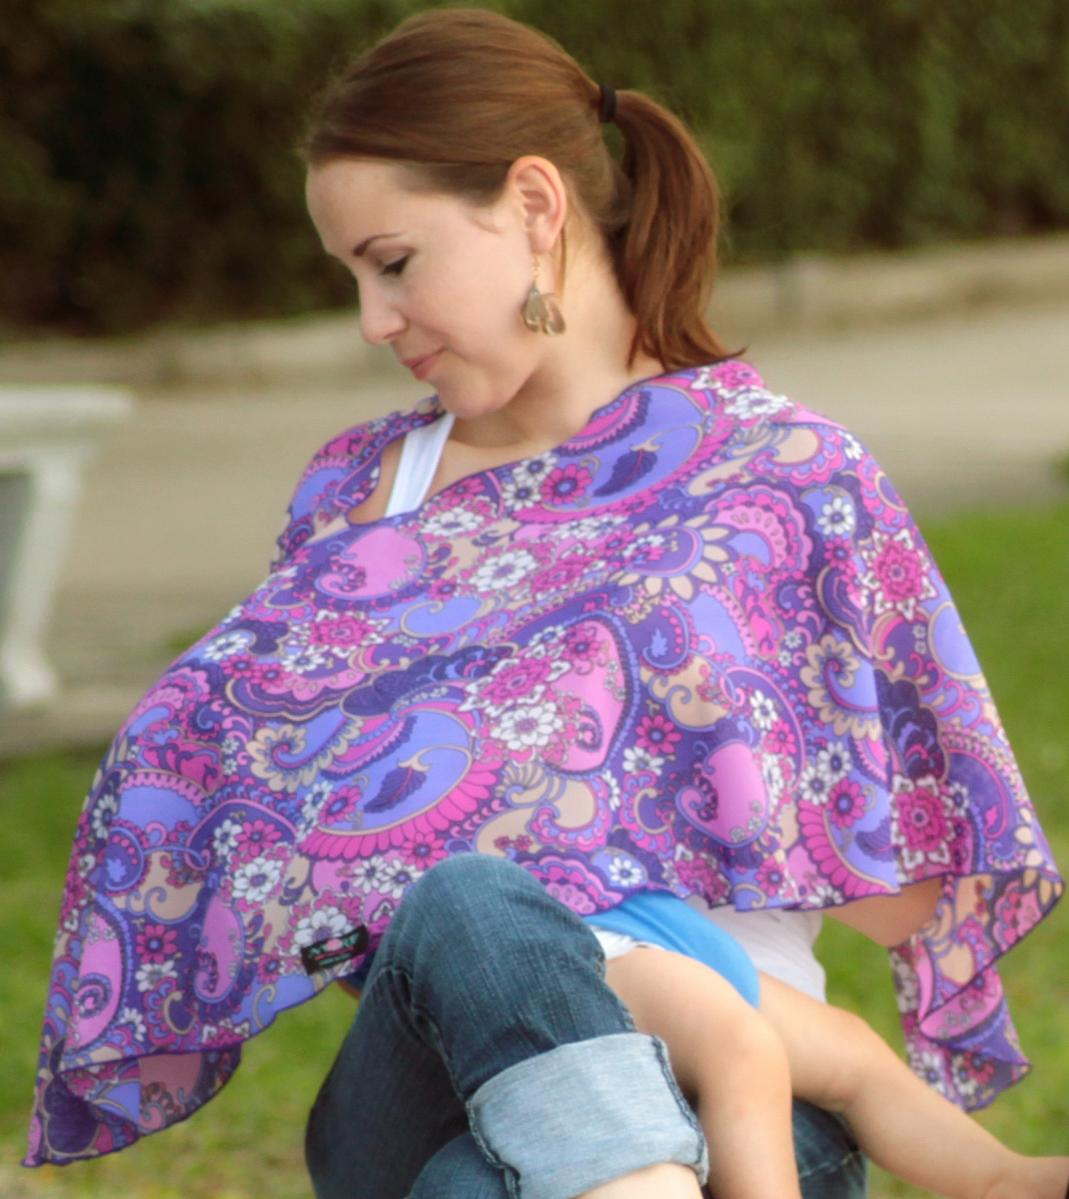 pirose-nursing-scarf-taeja-nursing.jpg